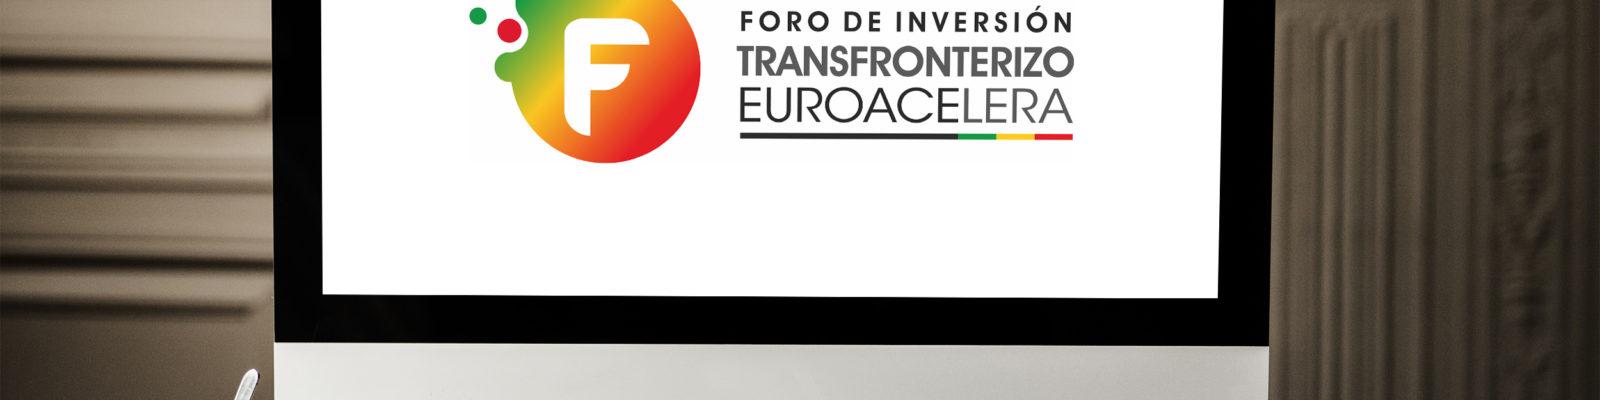 El I Foro de Inversión Transfronterizo EUROACELERA en Canal Extremadura Radio